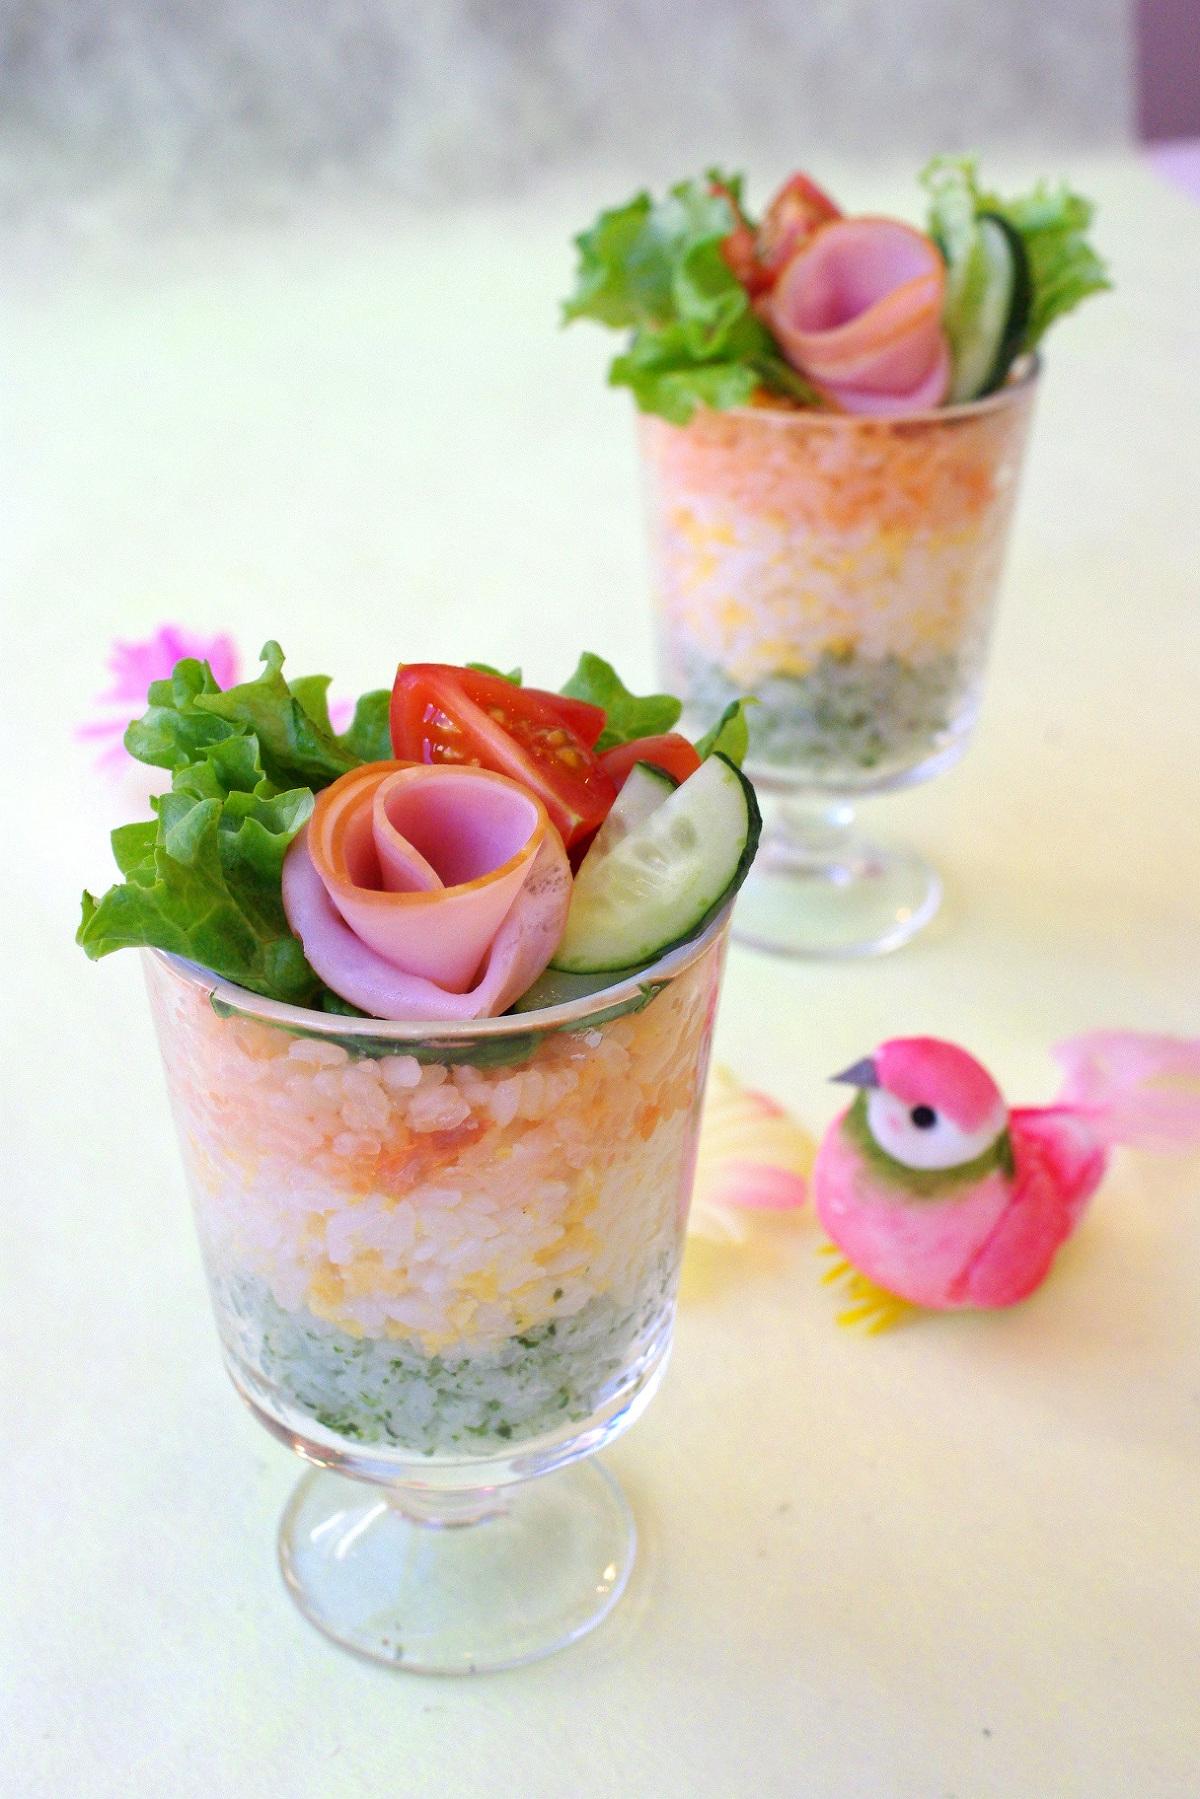 薔薇ハムに一目惚れ?洋風グラスで3色寿司